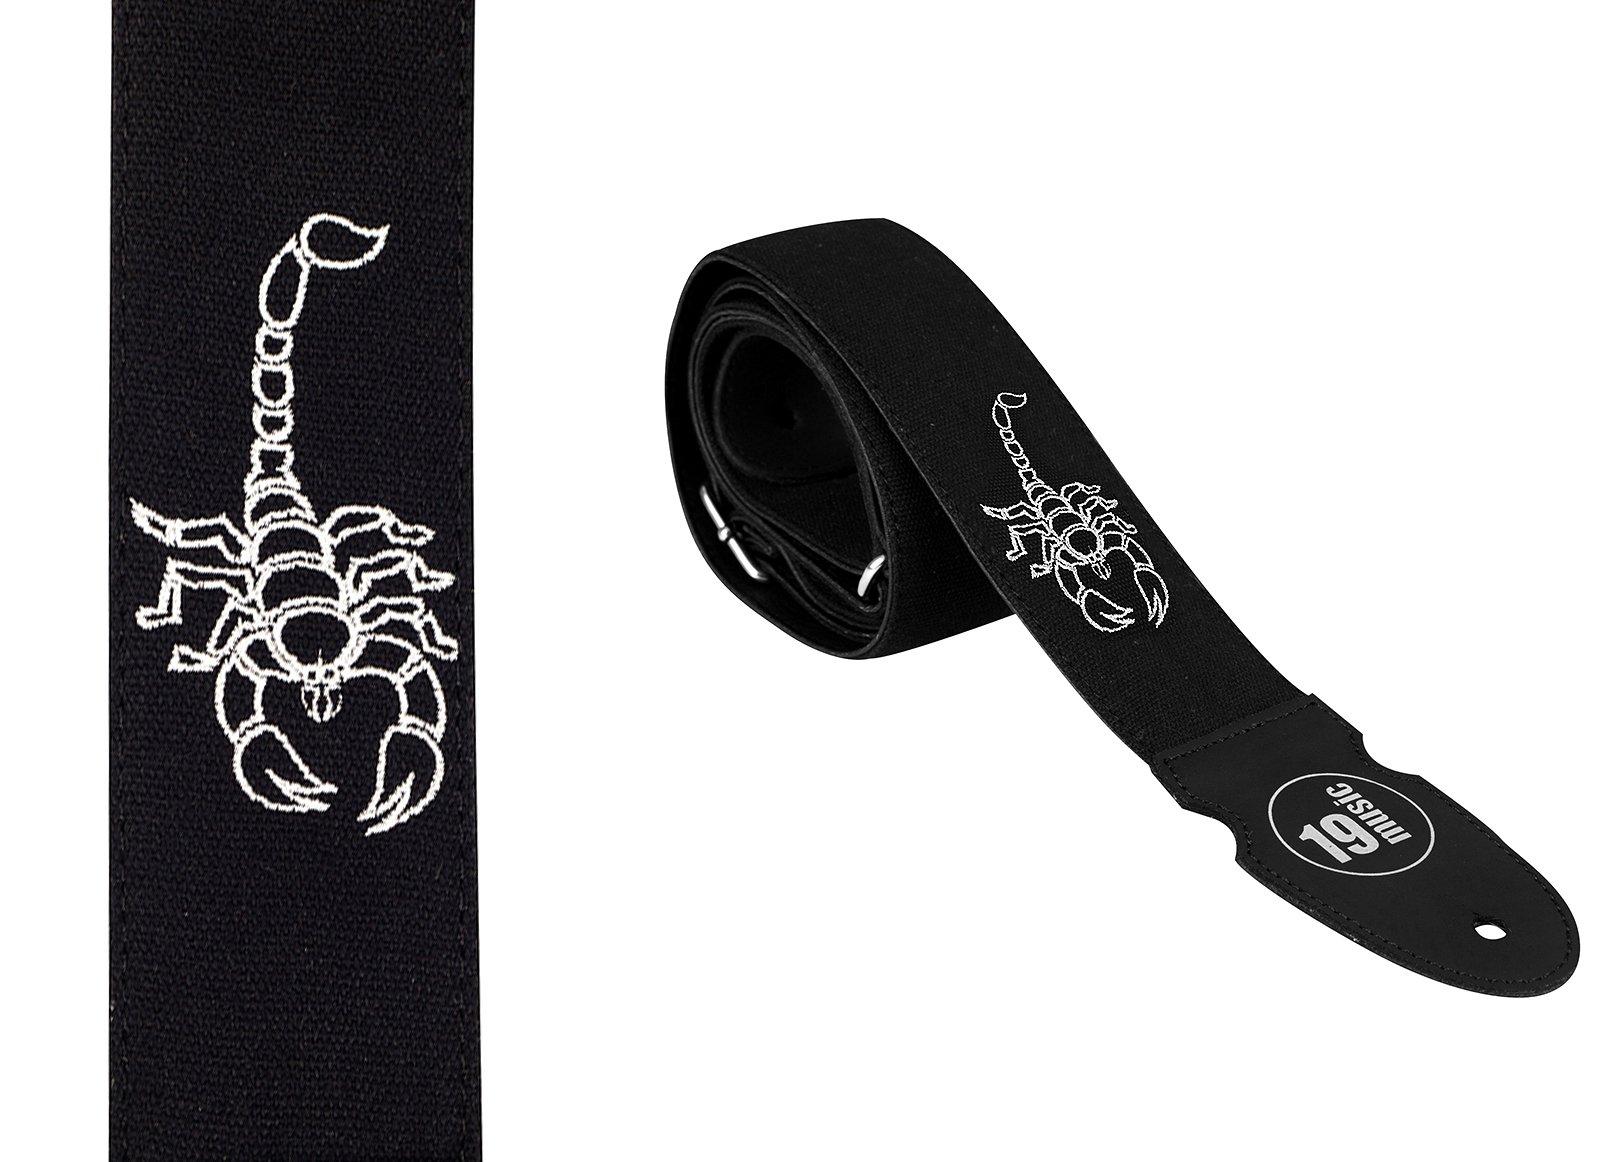 Estuche de lujo boardado el bajo de la guitarra de la correa de la Scorpion: Amazon.es: Instrumentos musicales